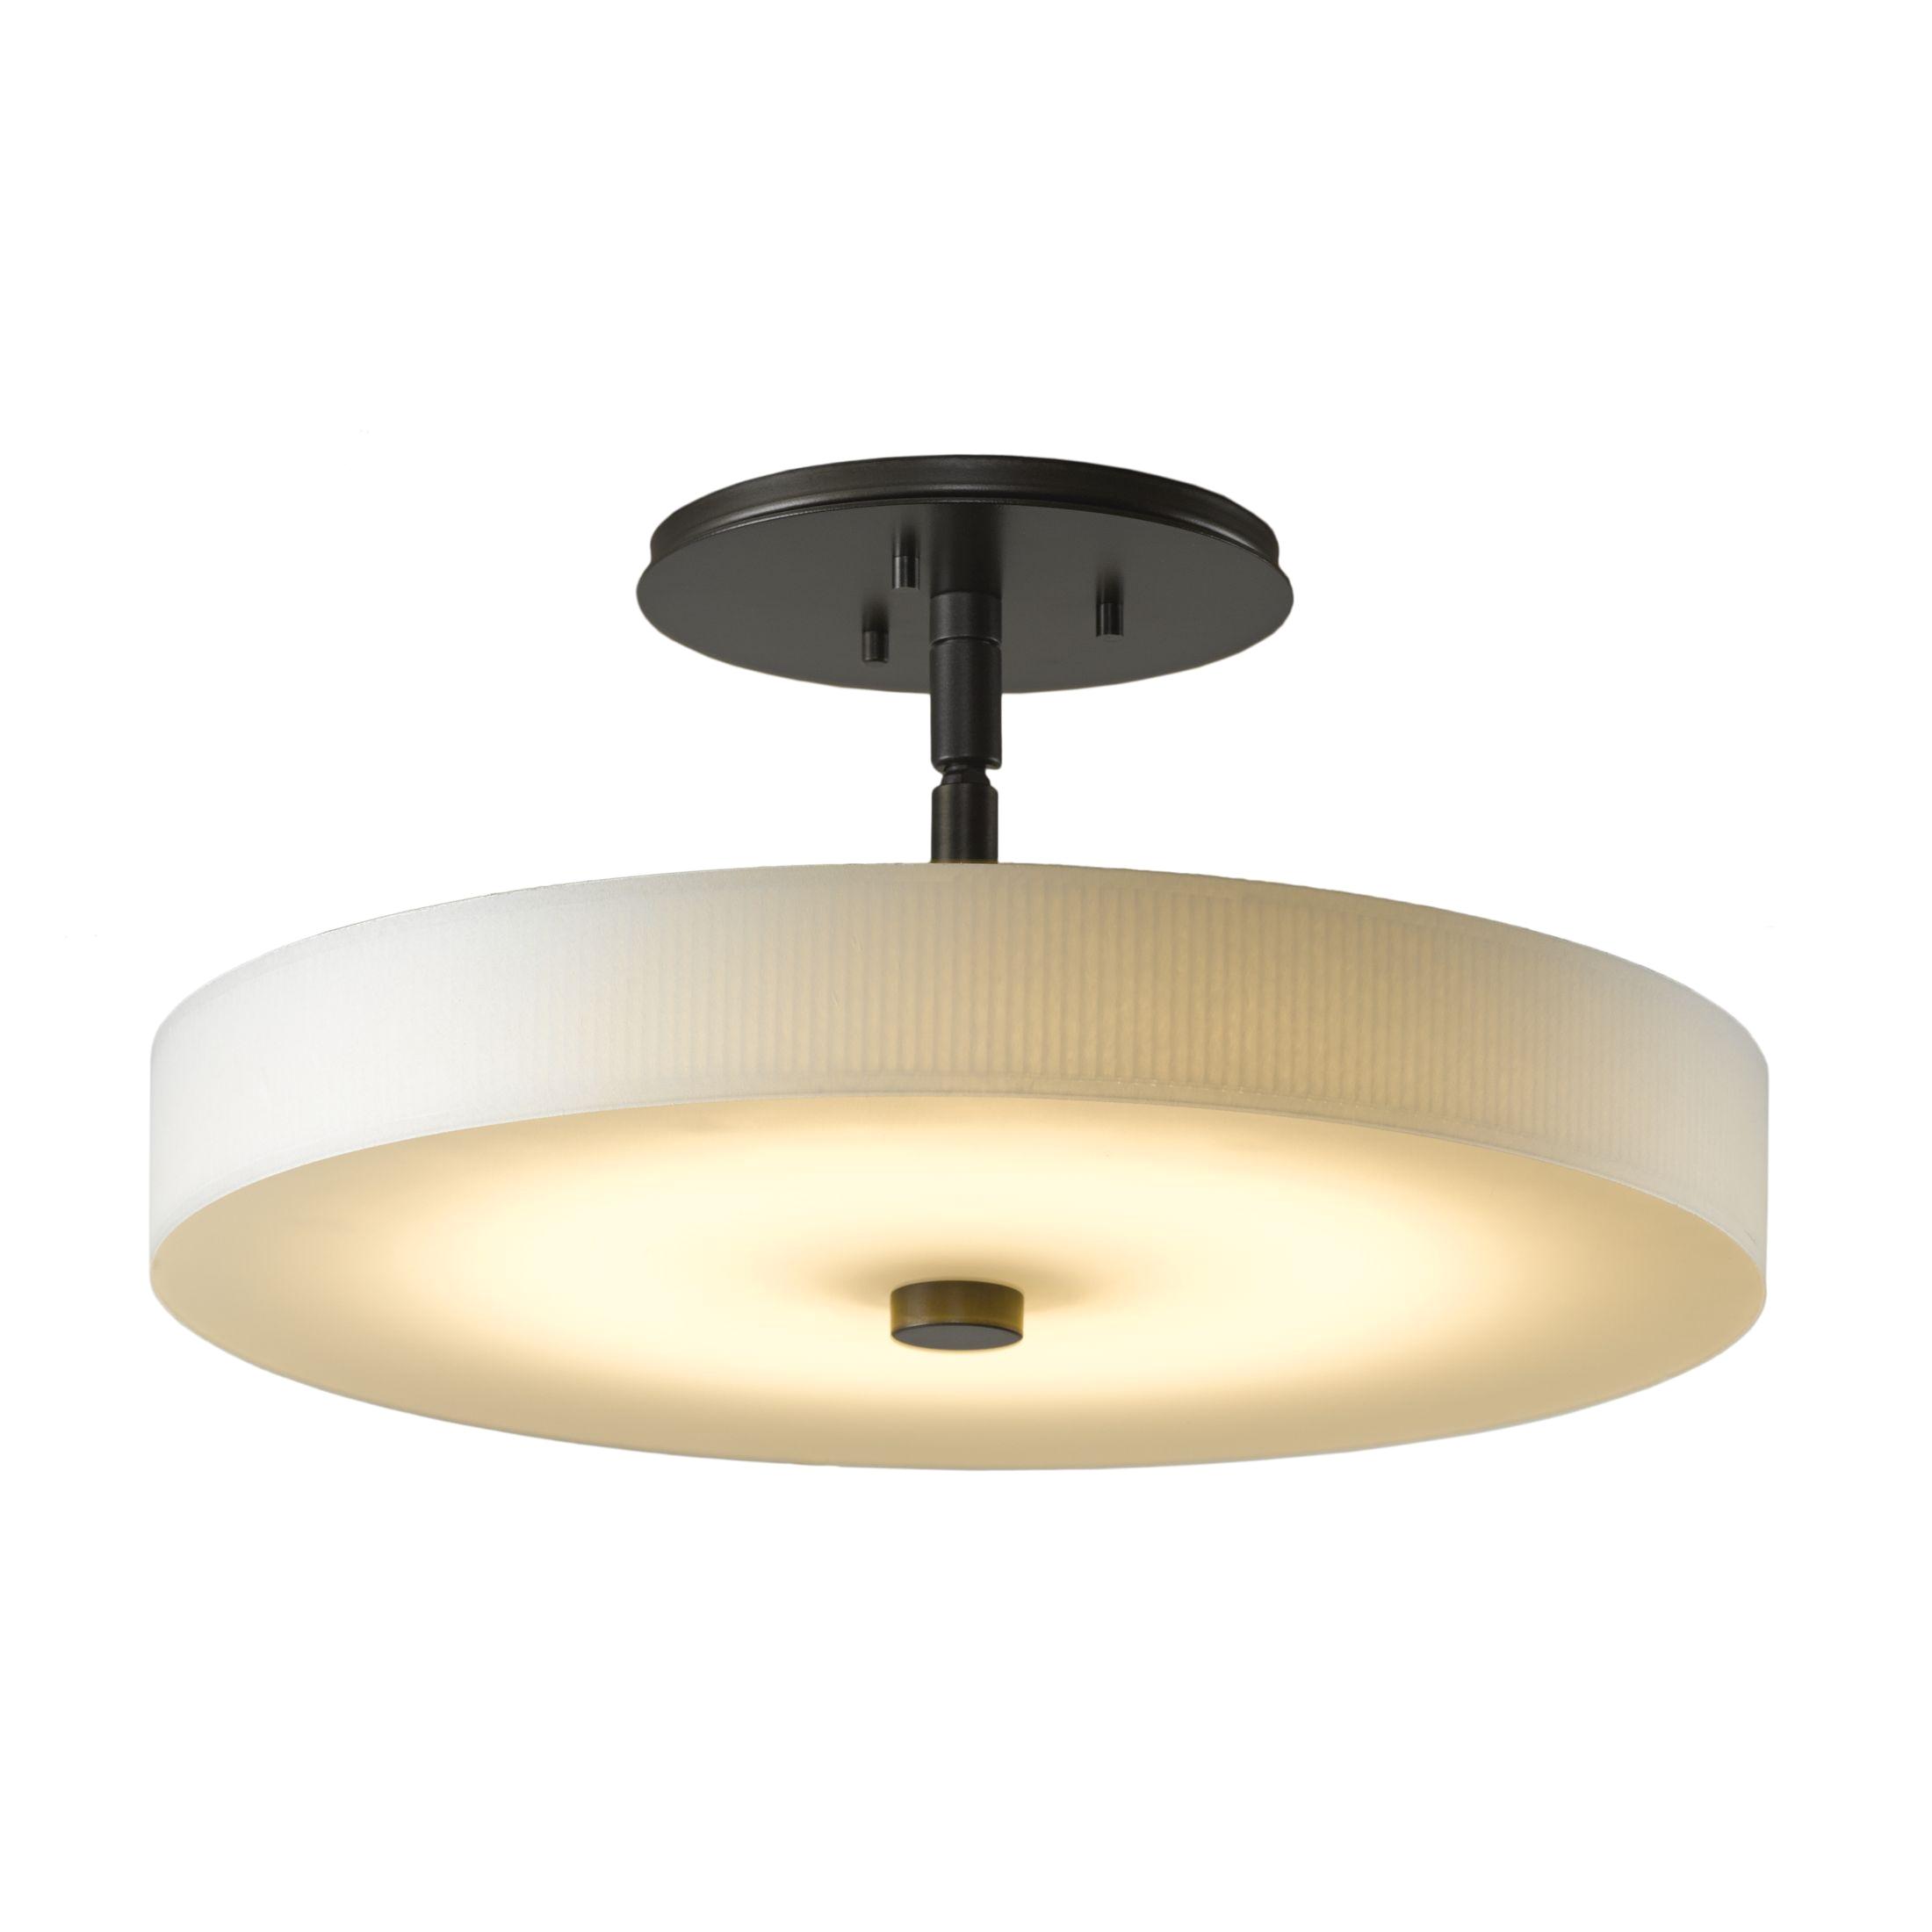 product detail disq led semi flush